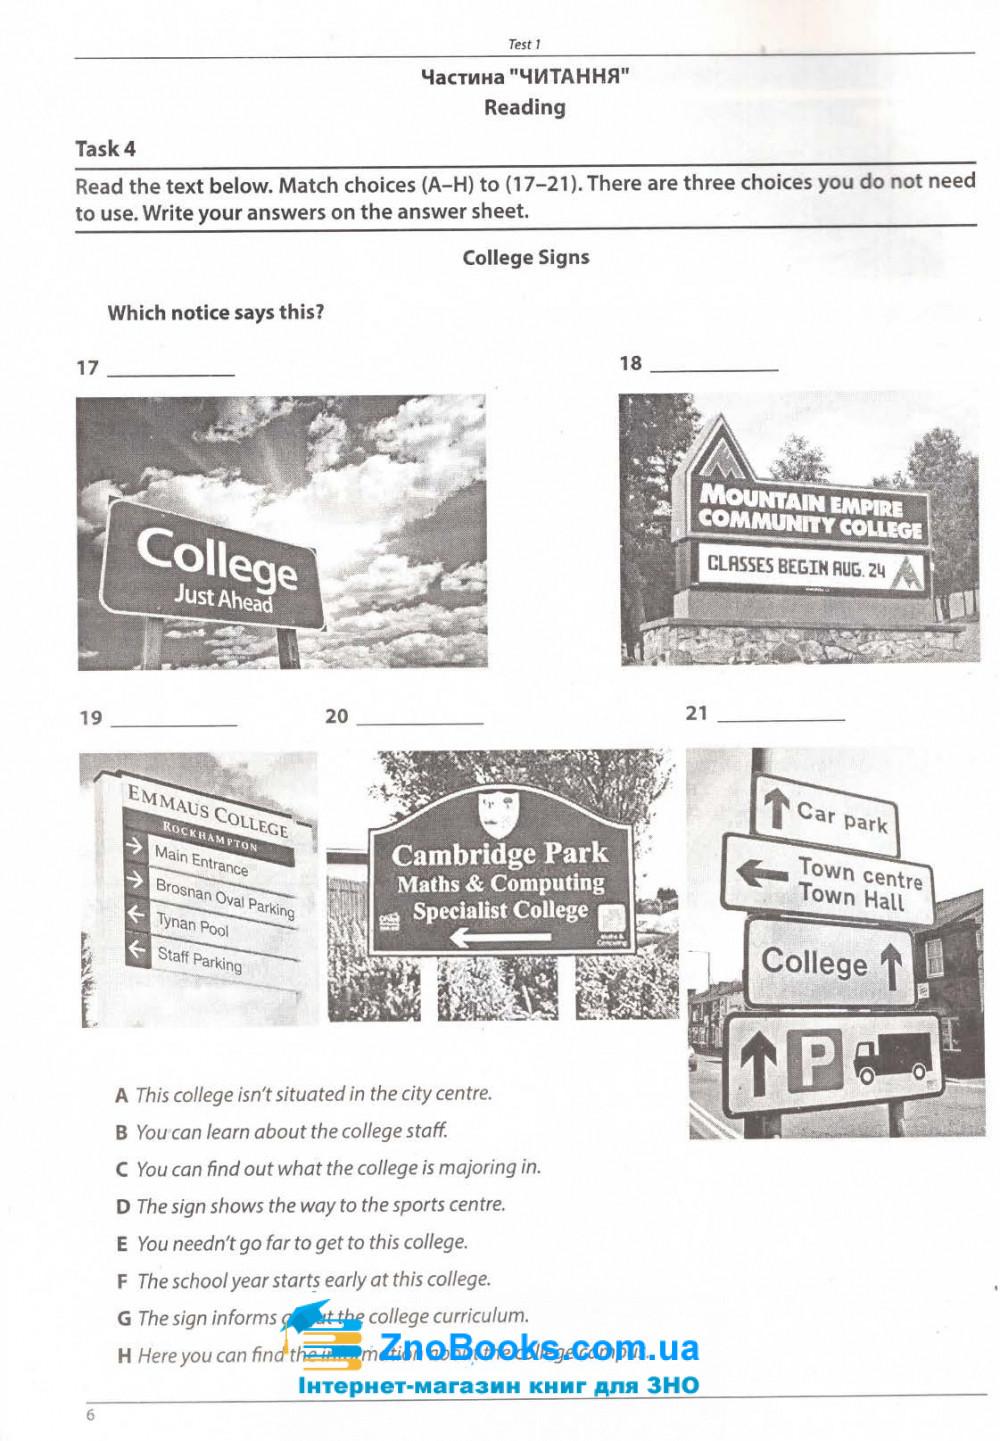 ЗНО 2020 Англійська мова. Complete Practice Test : Євчук О., Доценко І. Абетка купити 6